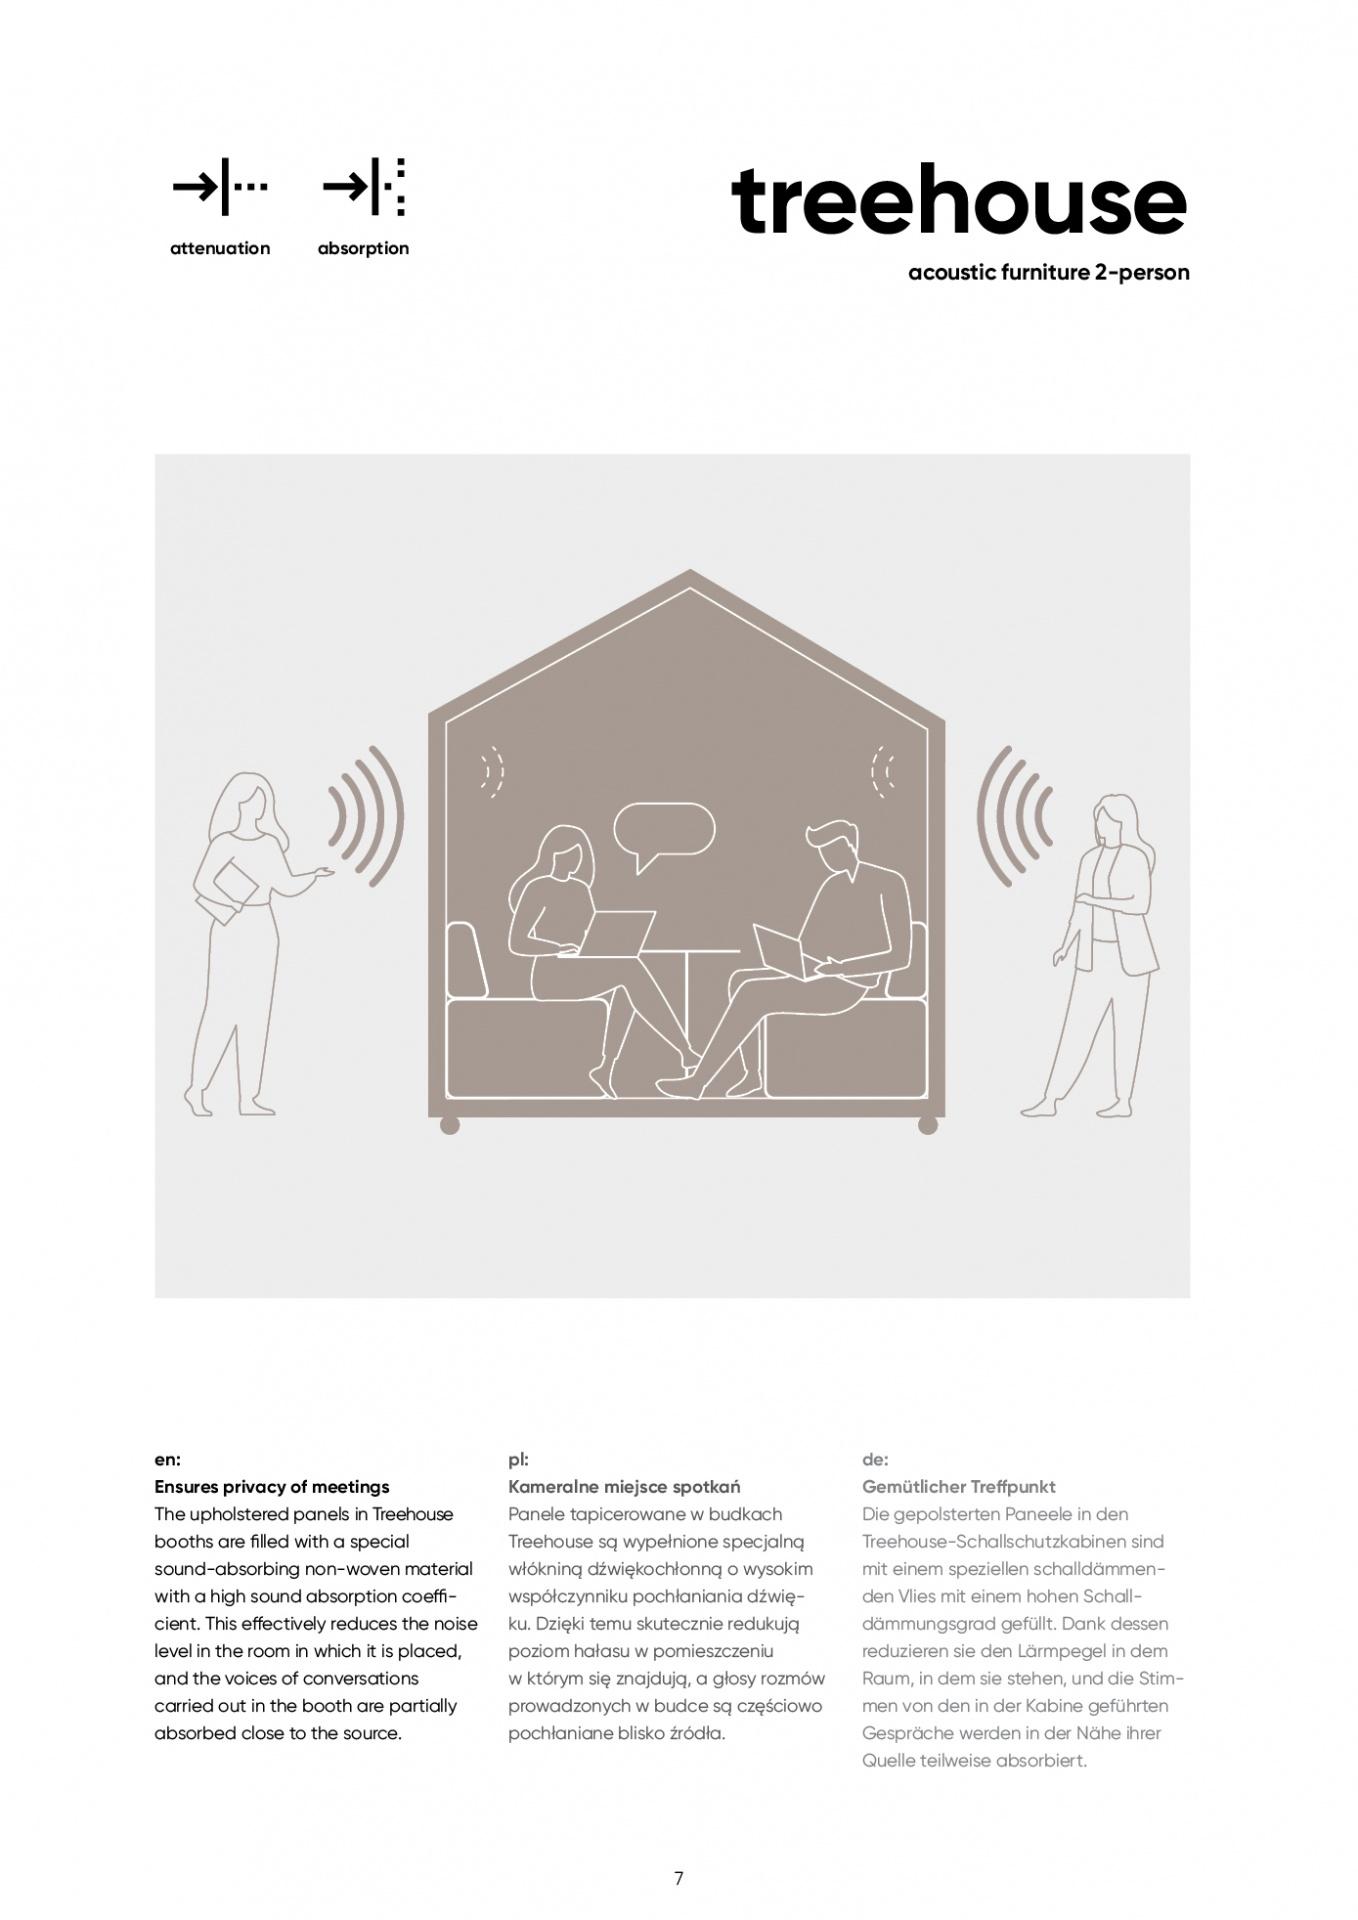 treehouse-catalogue-v2-7.jpg